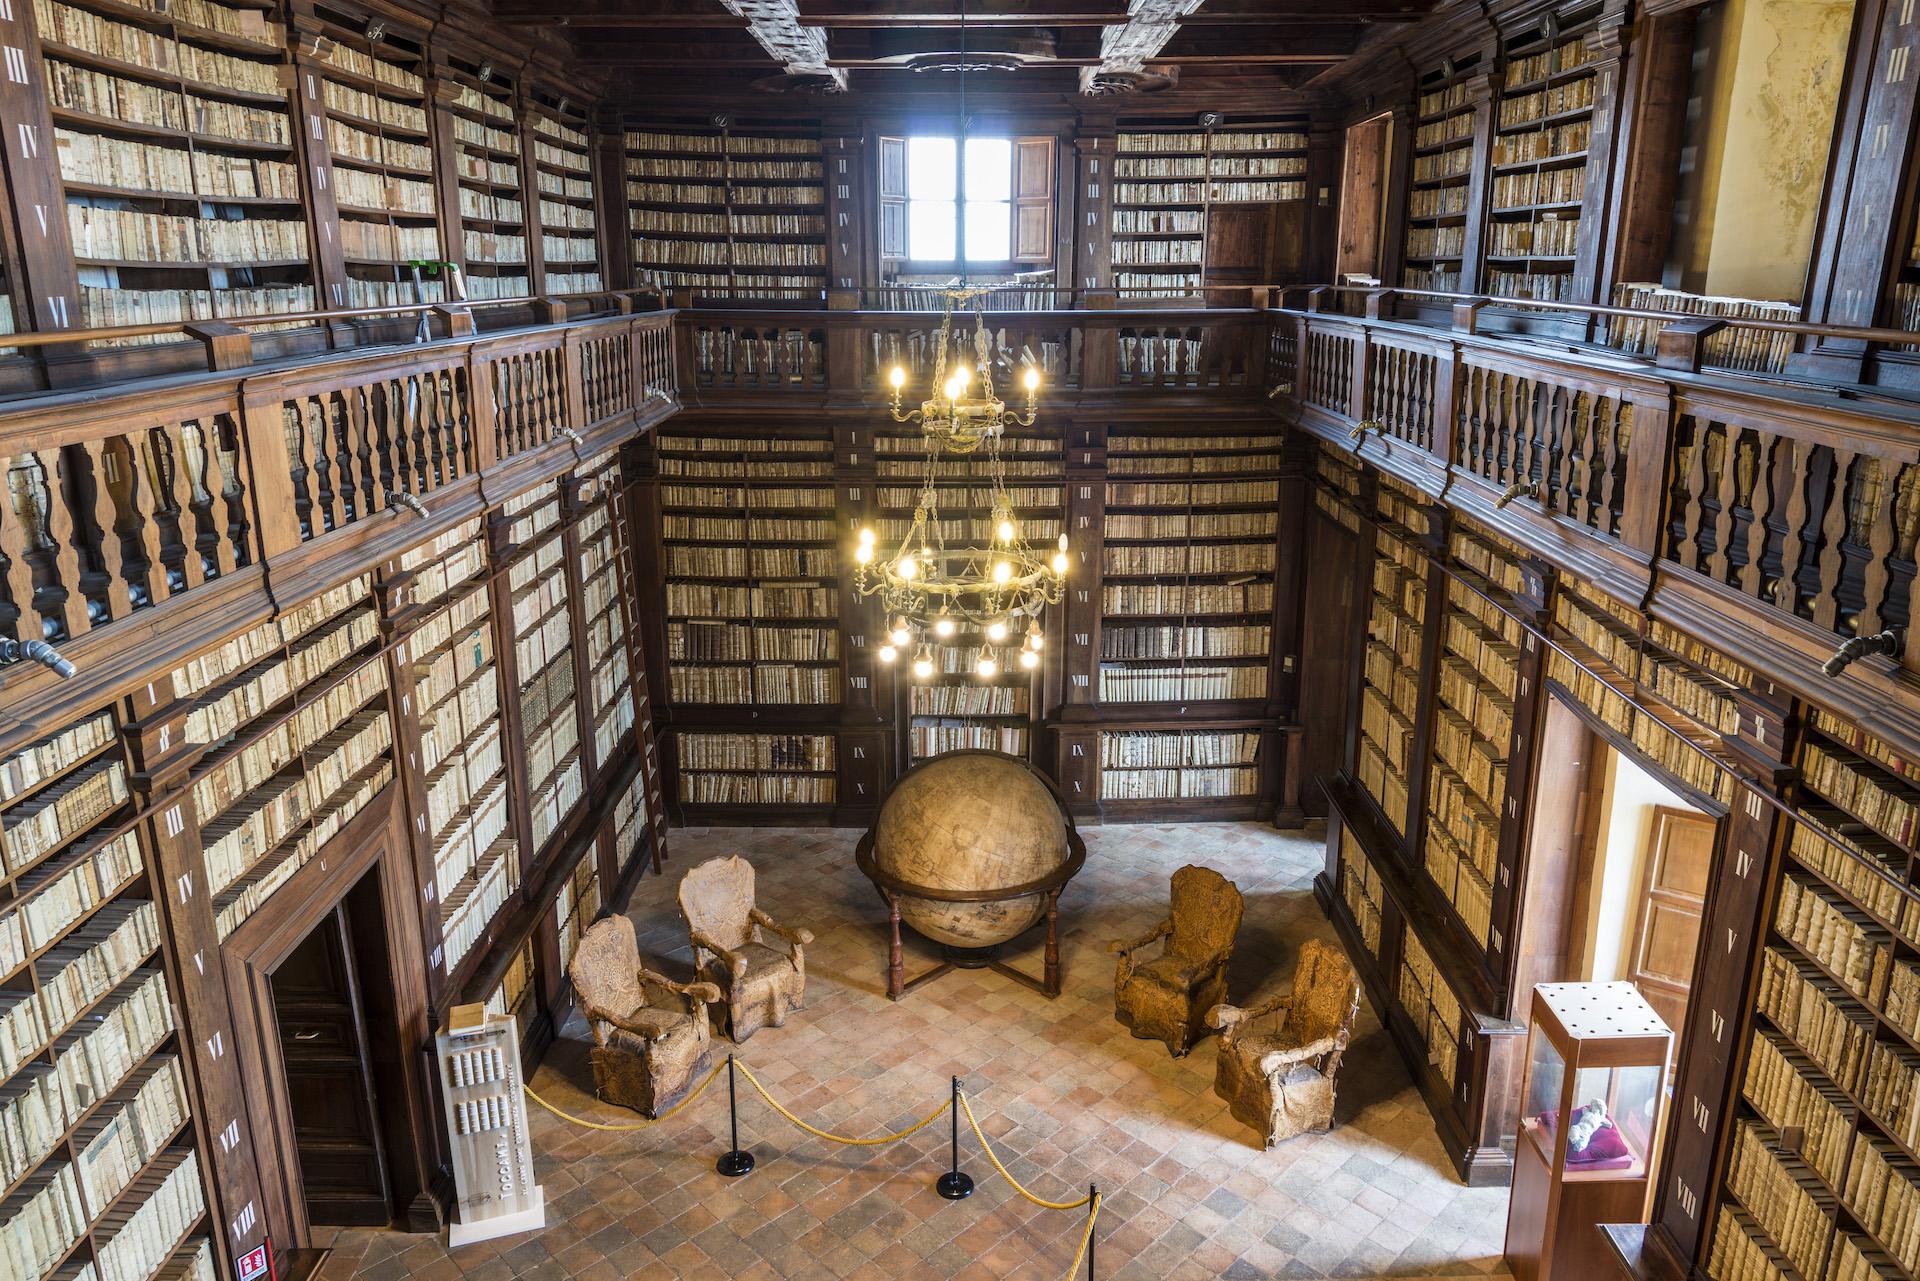 Antichi gioielli di famiglia in vetrina: le nostre biblioteche storiche